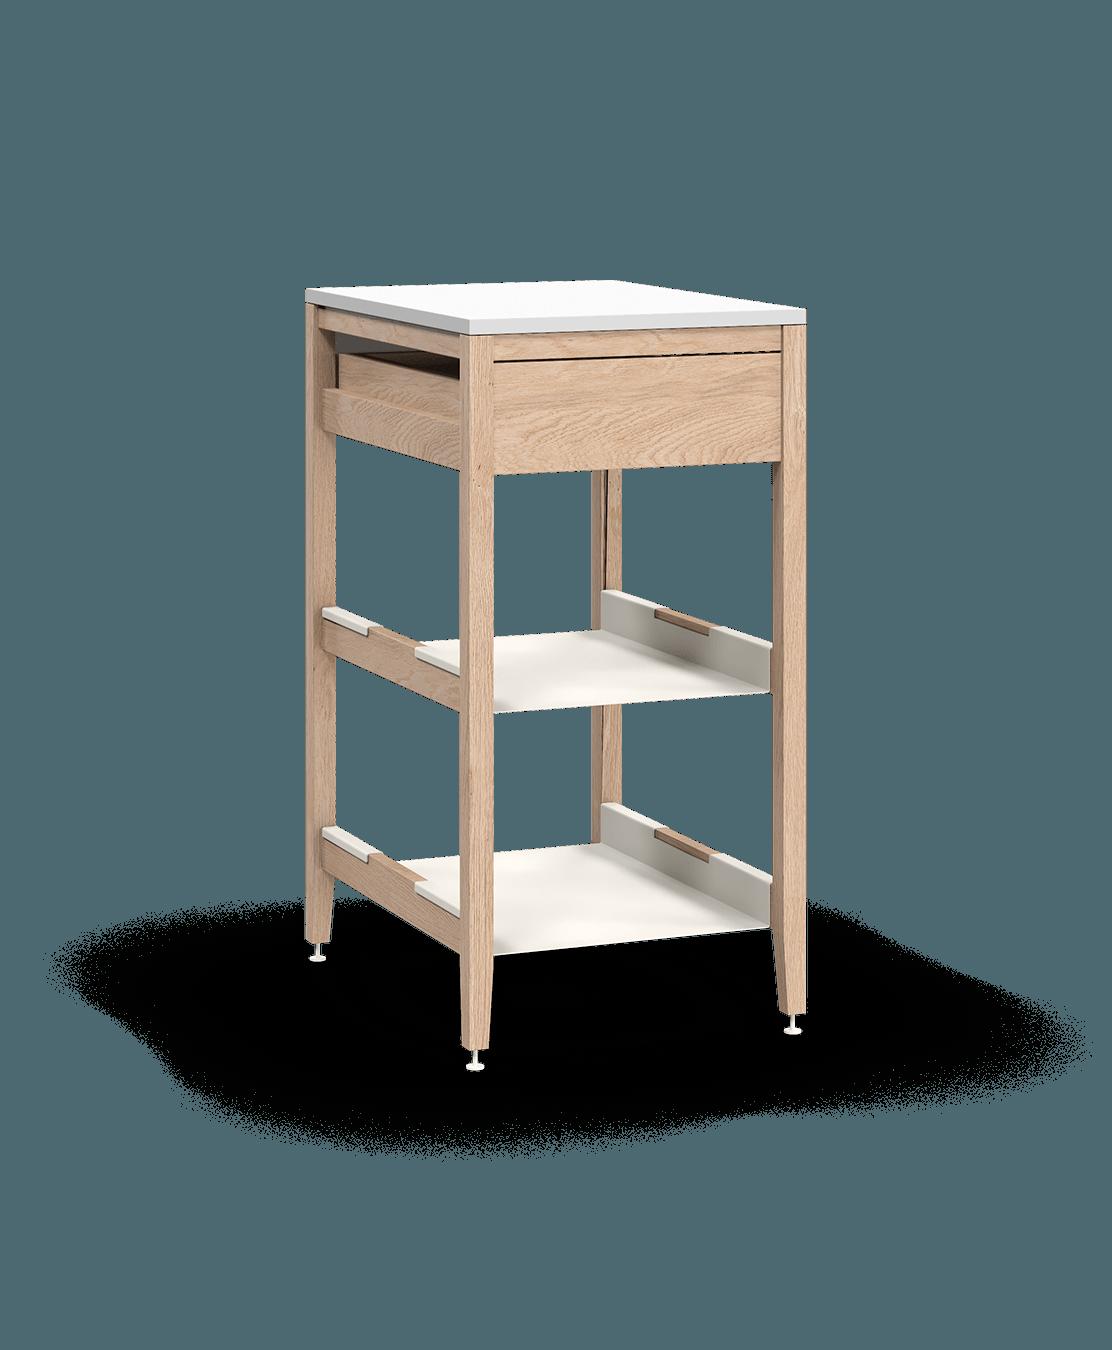 armoire de cuisine modulaire inférieure en bois massif coquo radix avec 2 tablettes 1 tiroir chêne blanc 18 pouces C1-C-18SB-1023-NA